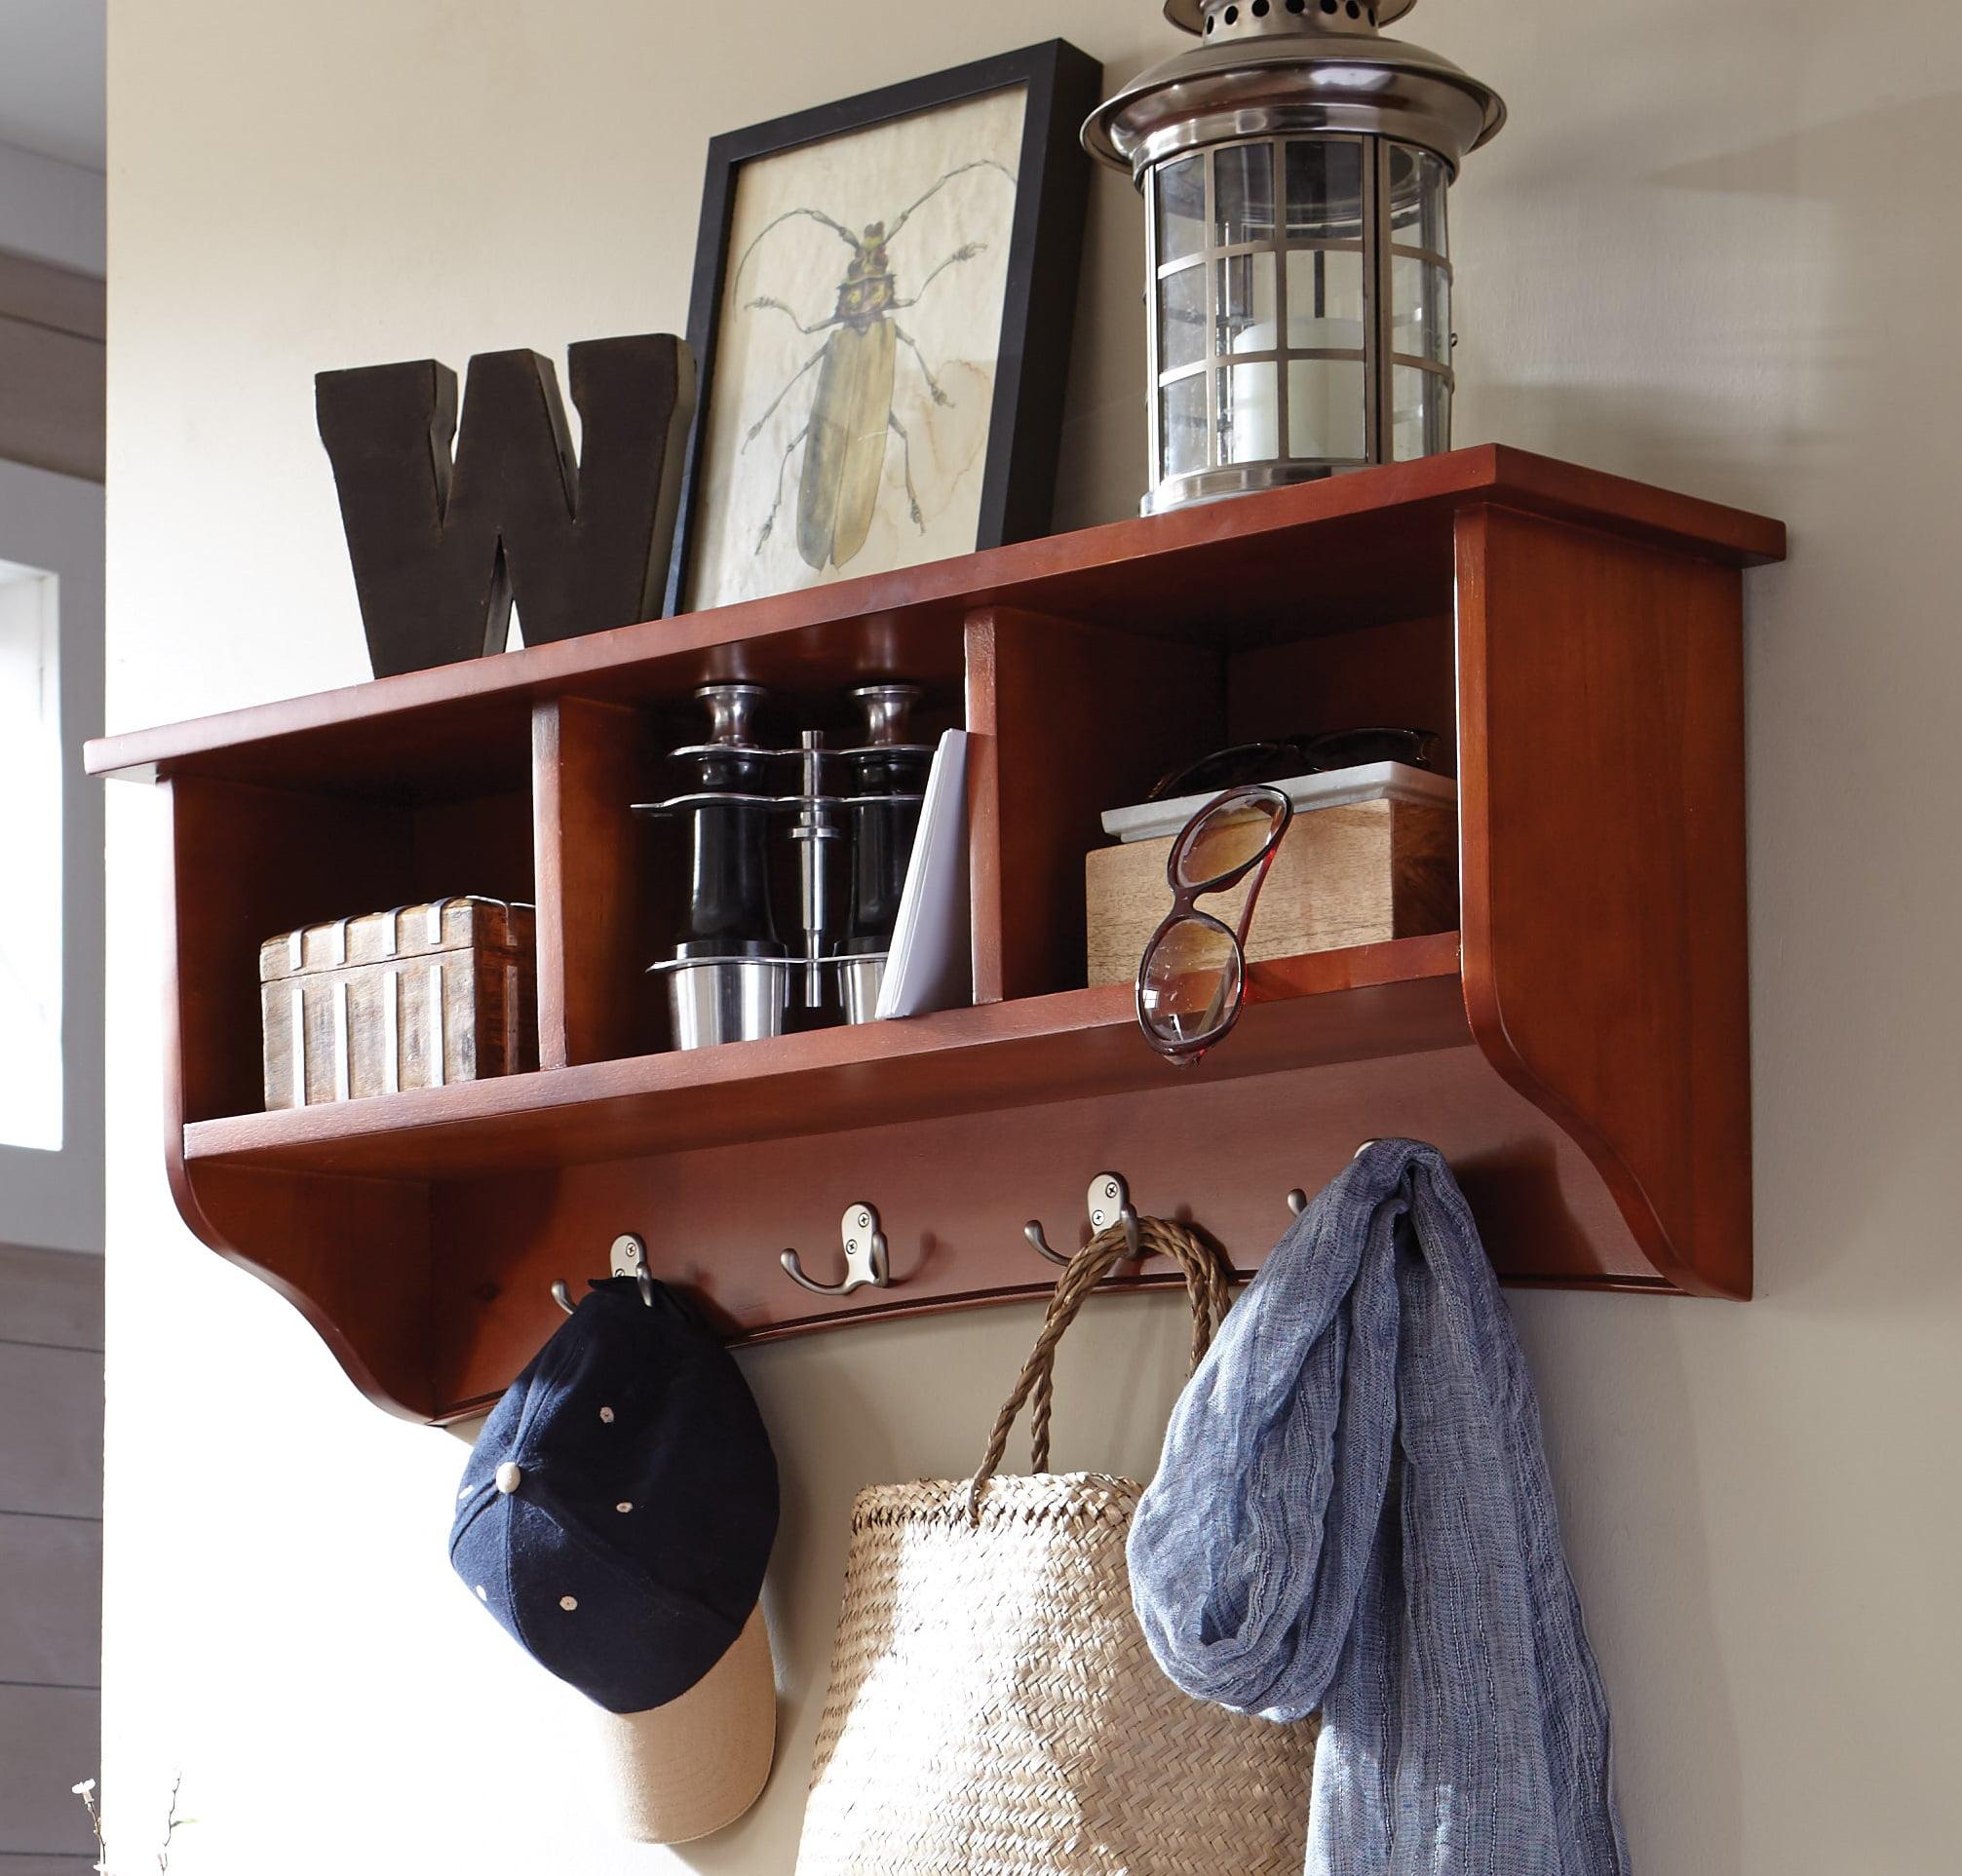 Alaterre Shaker Cottage Storage Coat Hooks